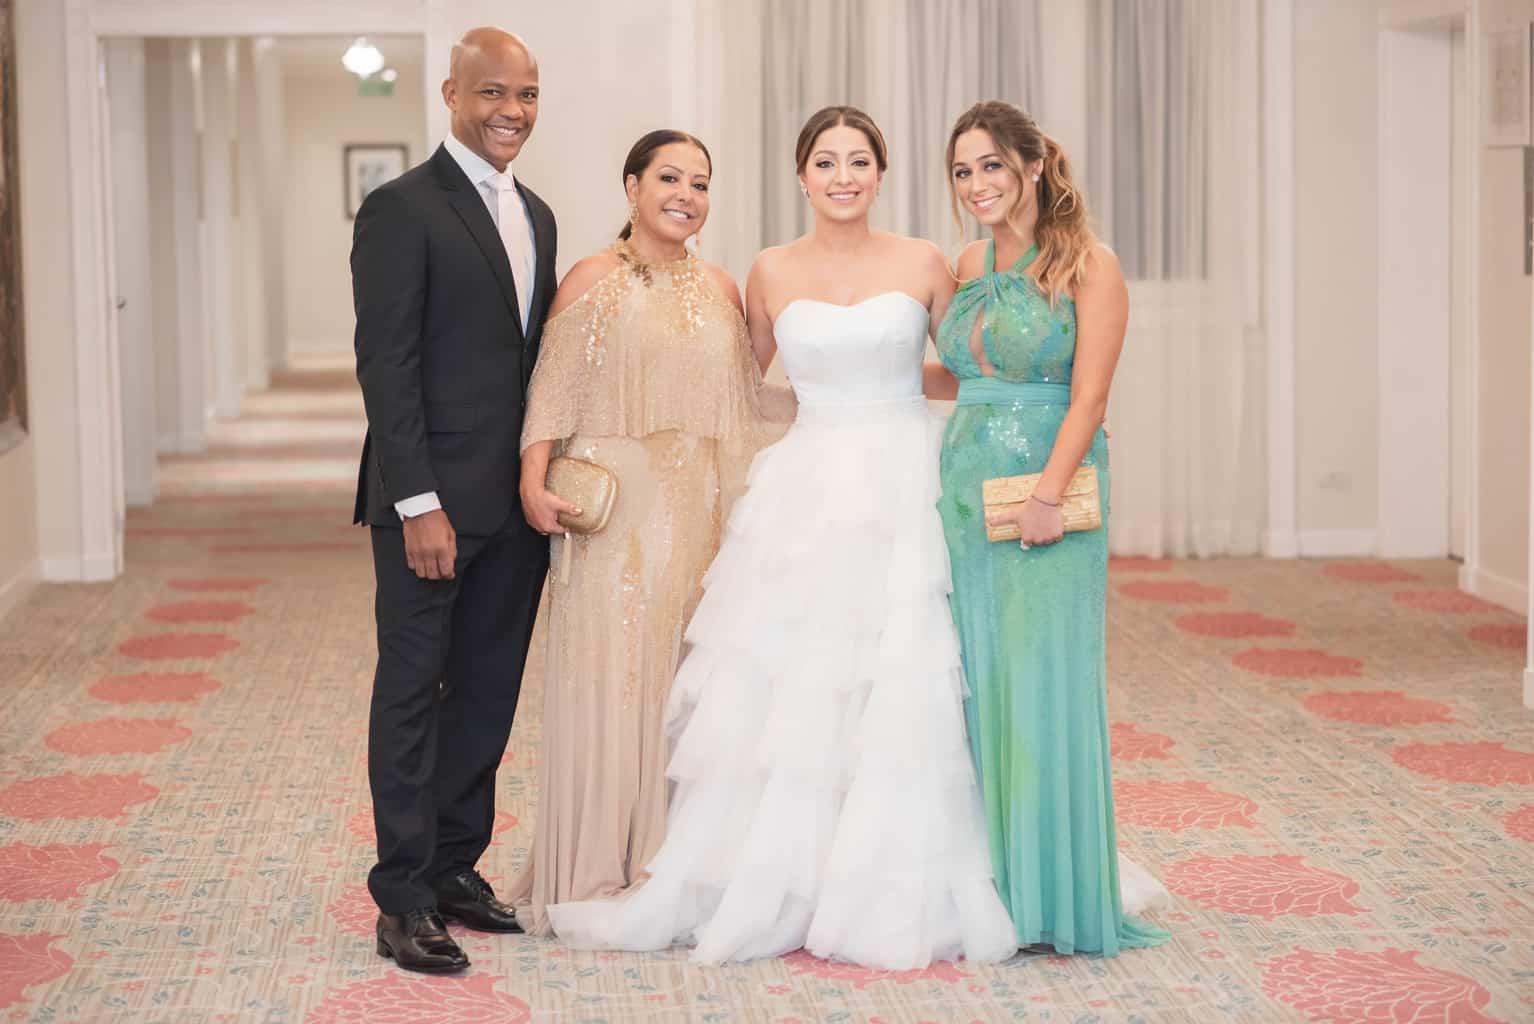 casamento-Karynna-e-Fernando-cerimonial-TCD-Eventos-fotografia-Marina-Fava10